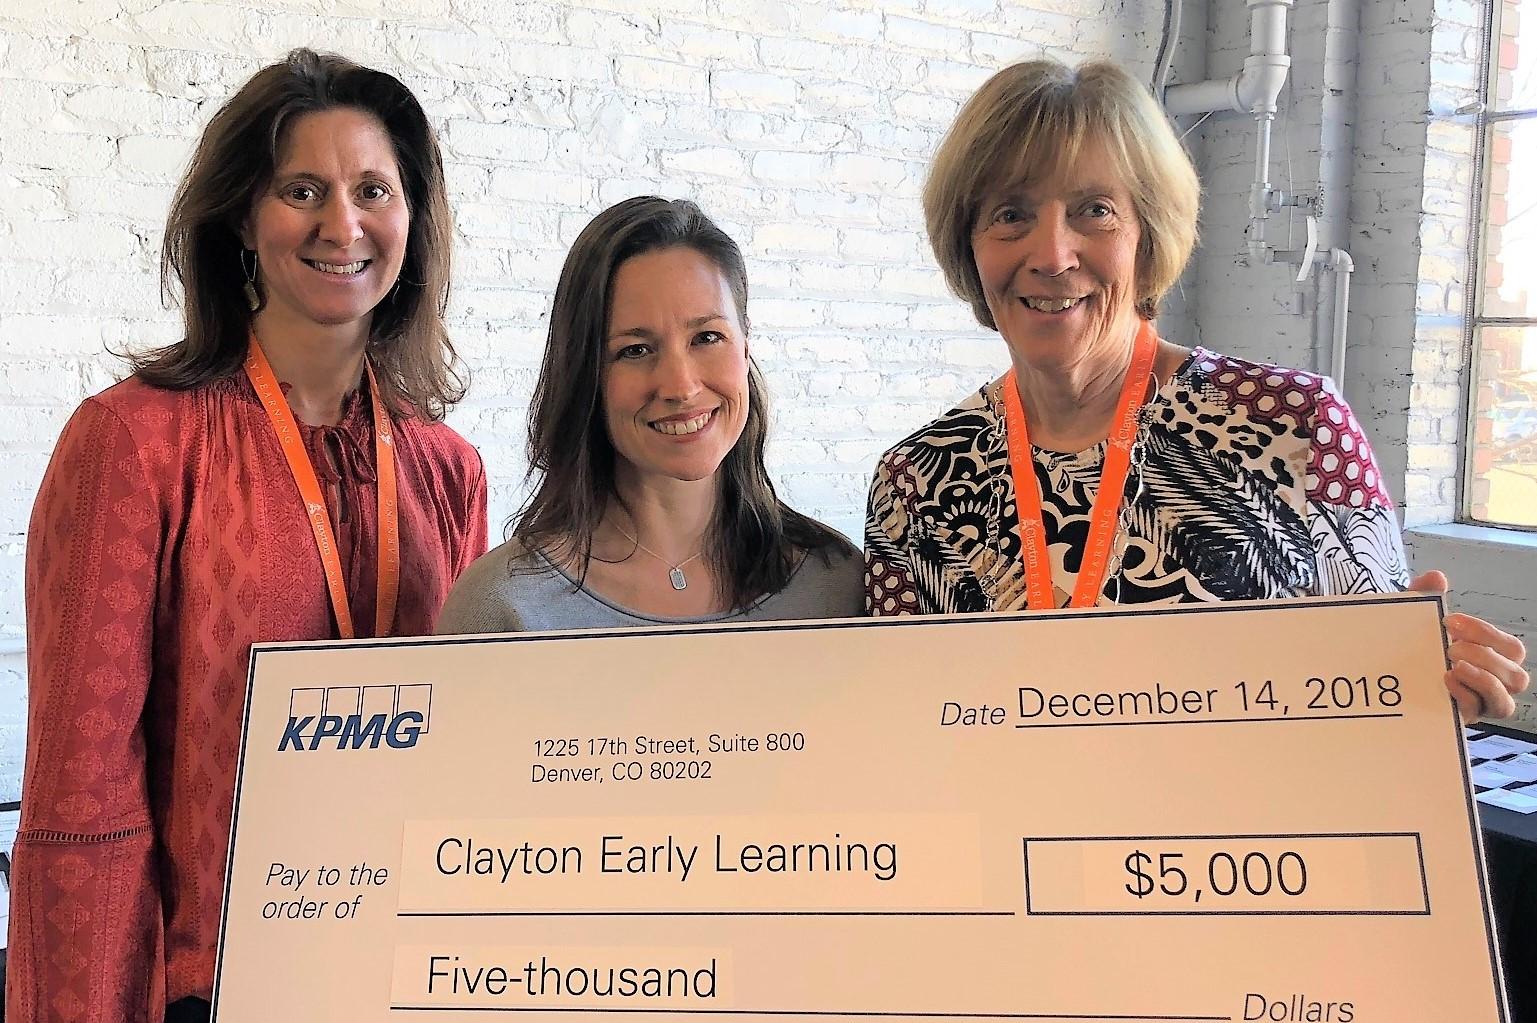 KPMG Awards $5,000 to Clayton